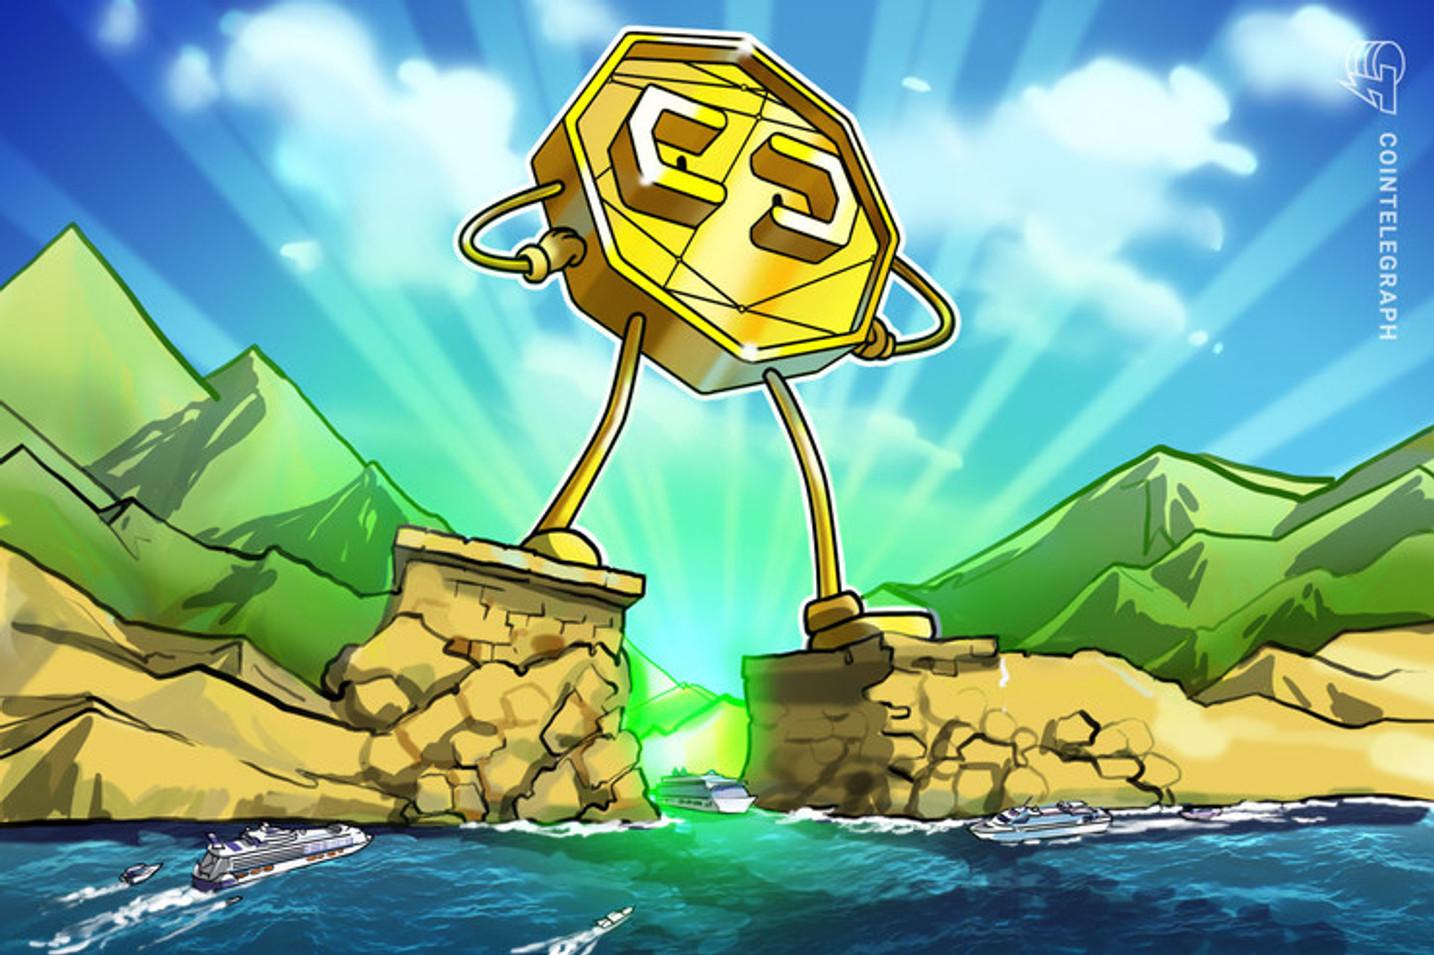 Preço do Bitcoin não quer dizer nada neste momento, afirma Nox Bitcoin